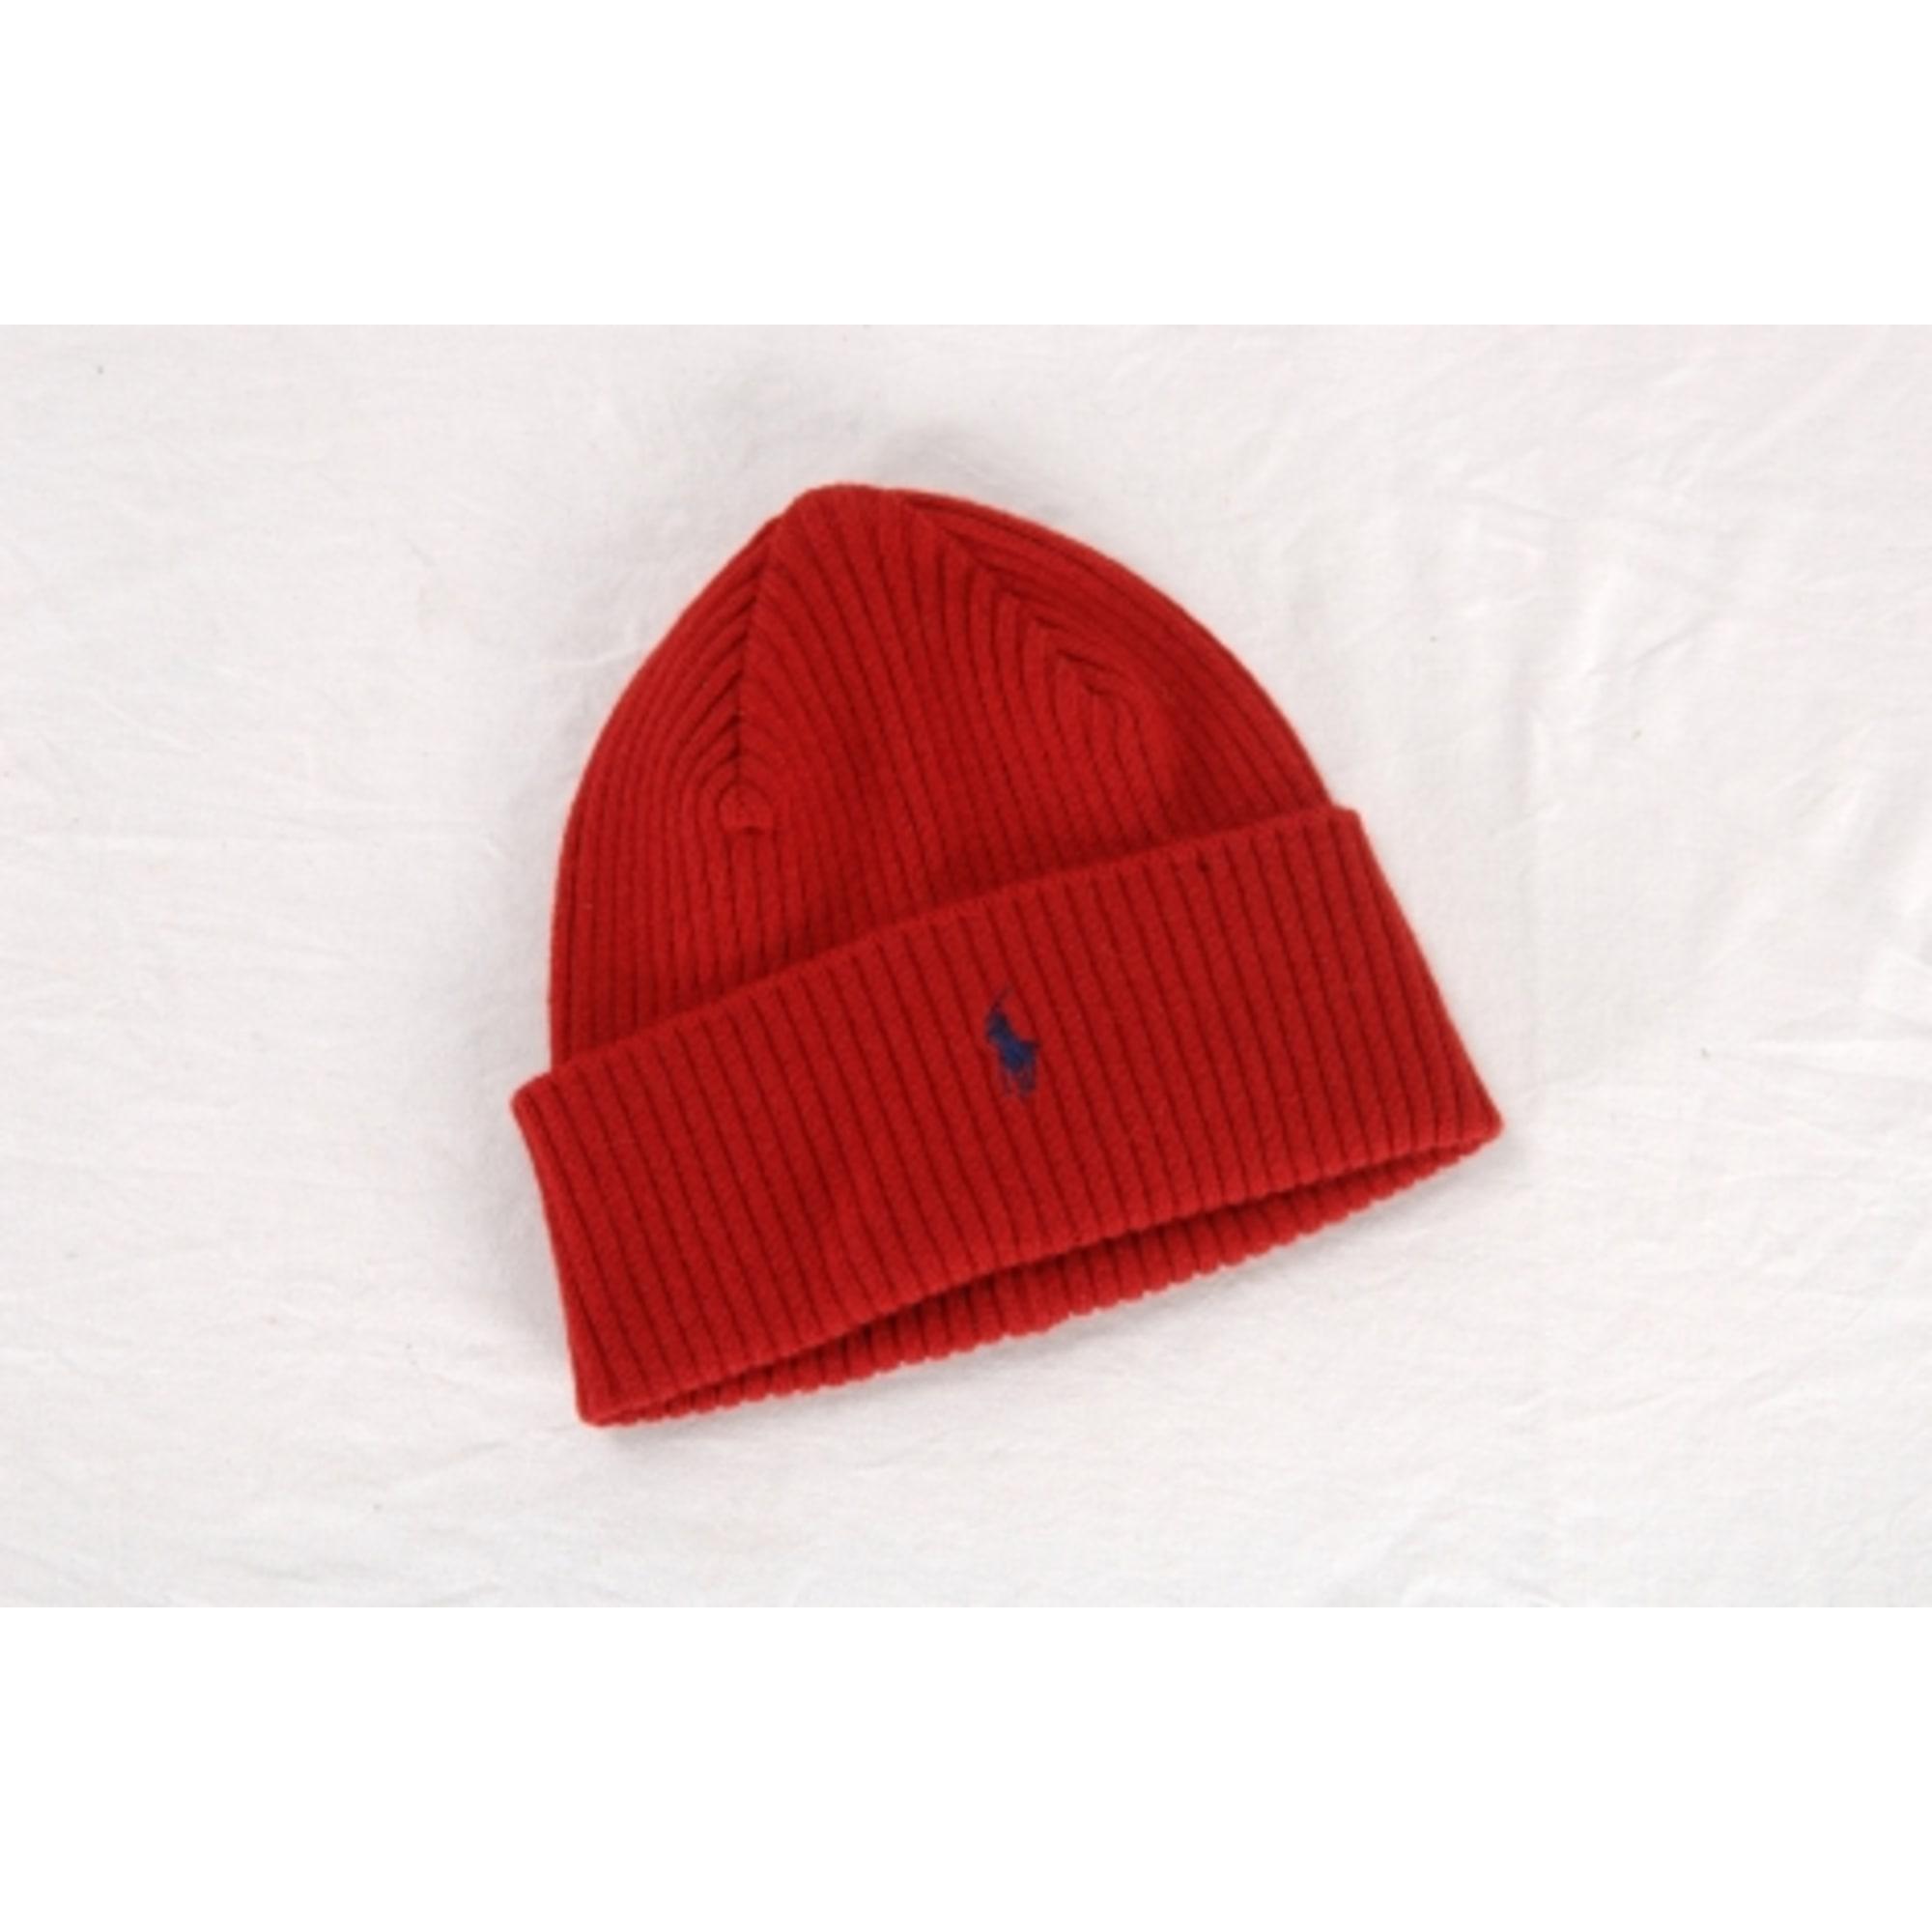 570c05b24bf Bonnet RALPH LAUREN Taille unique rouge vendu par Benji29 - 6508471